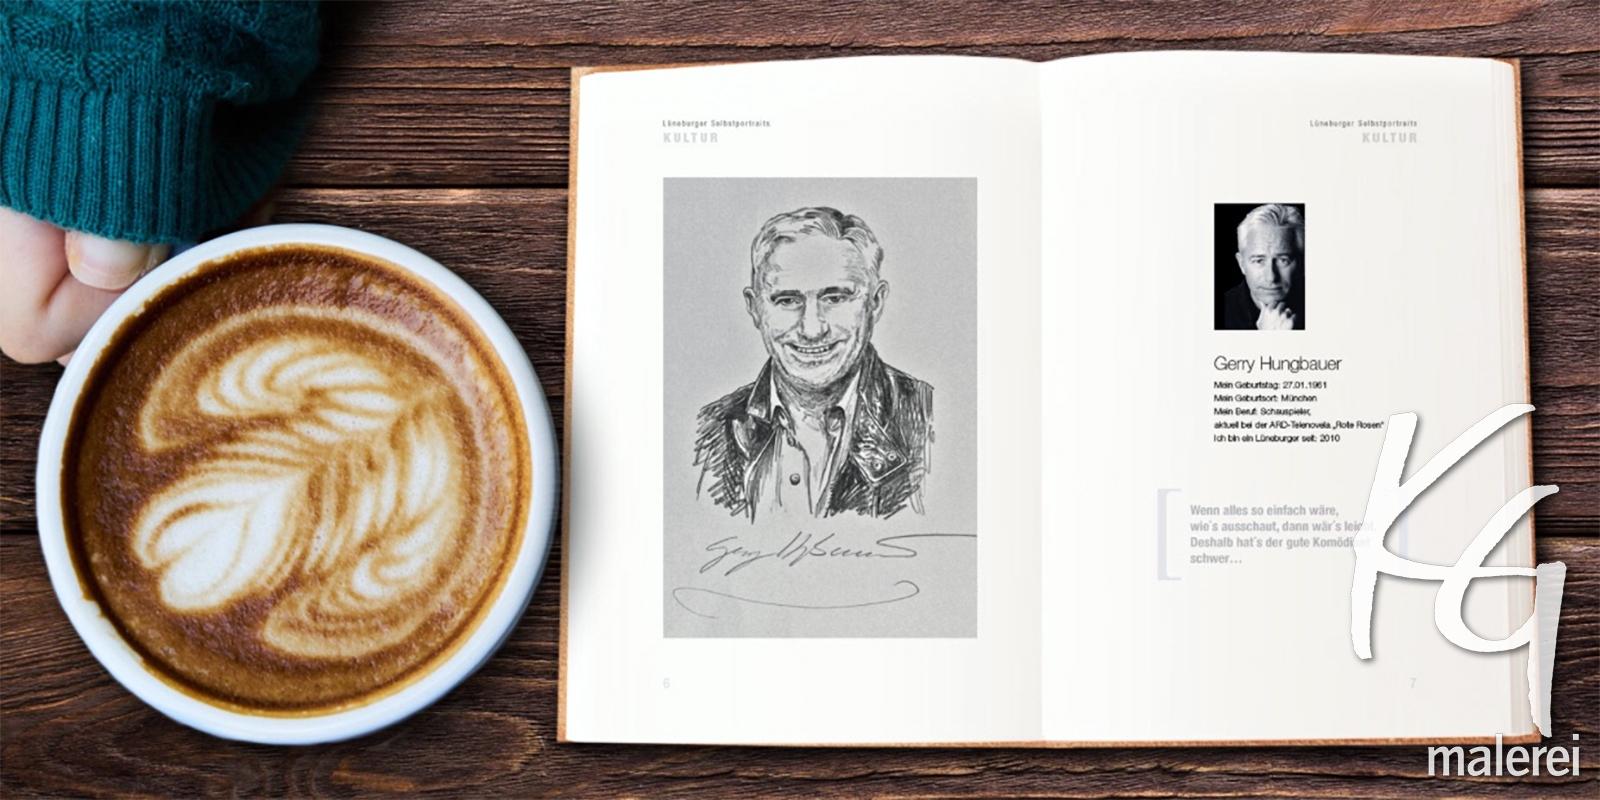 Buch Lüneburger Selbstportraits